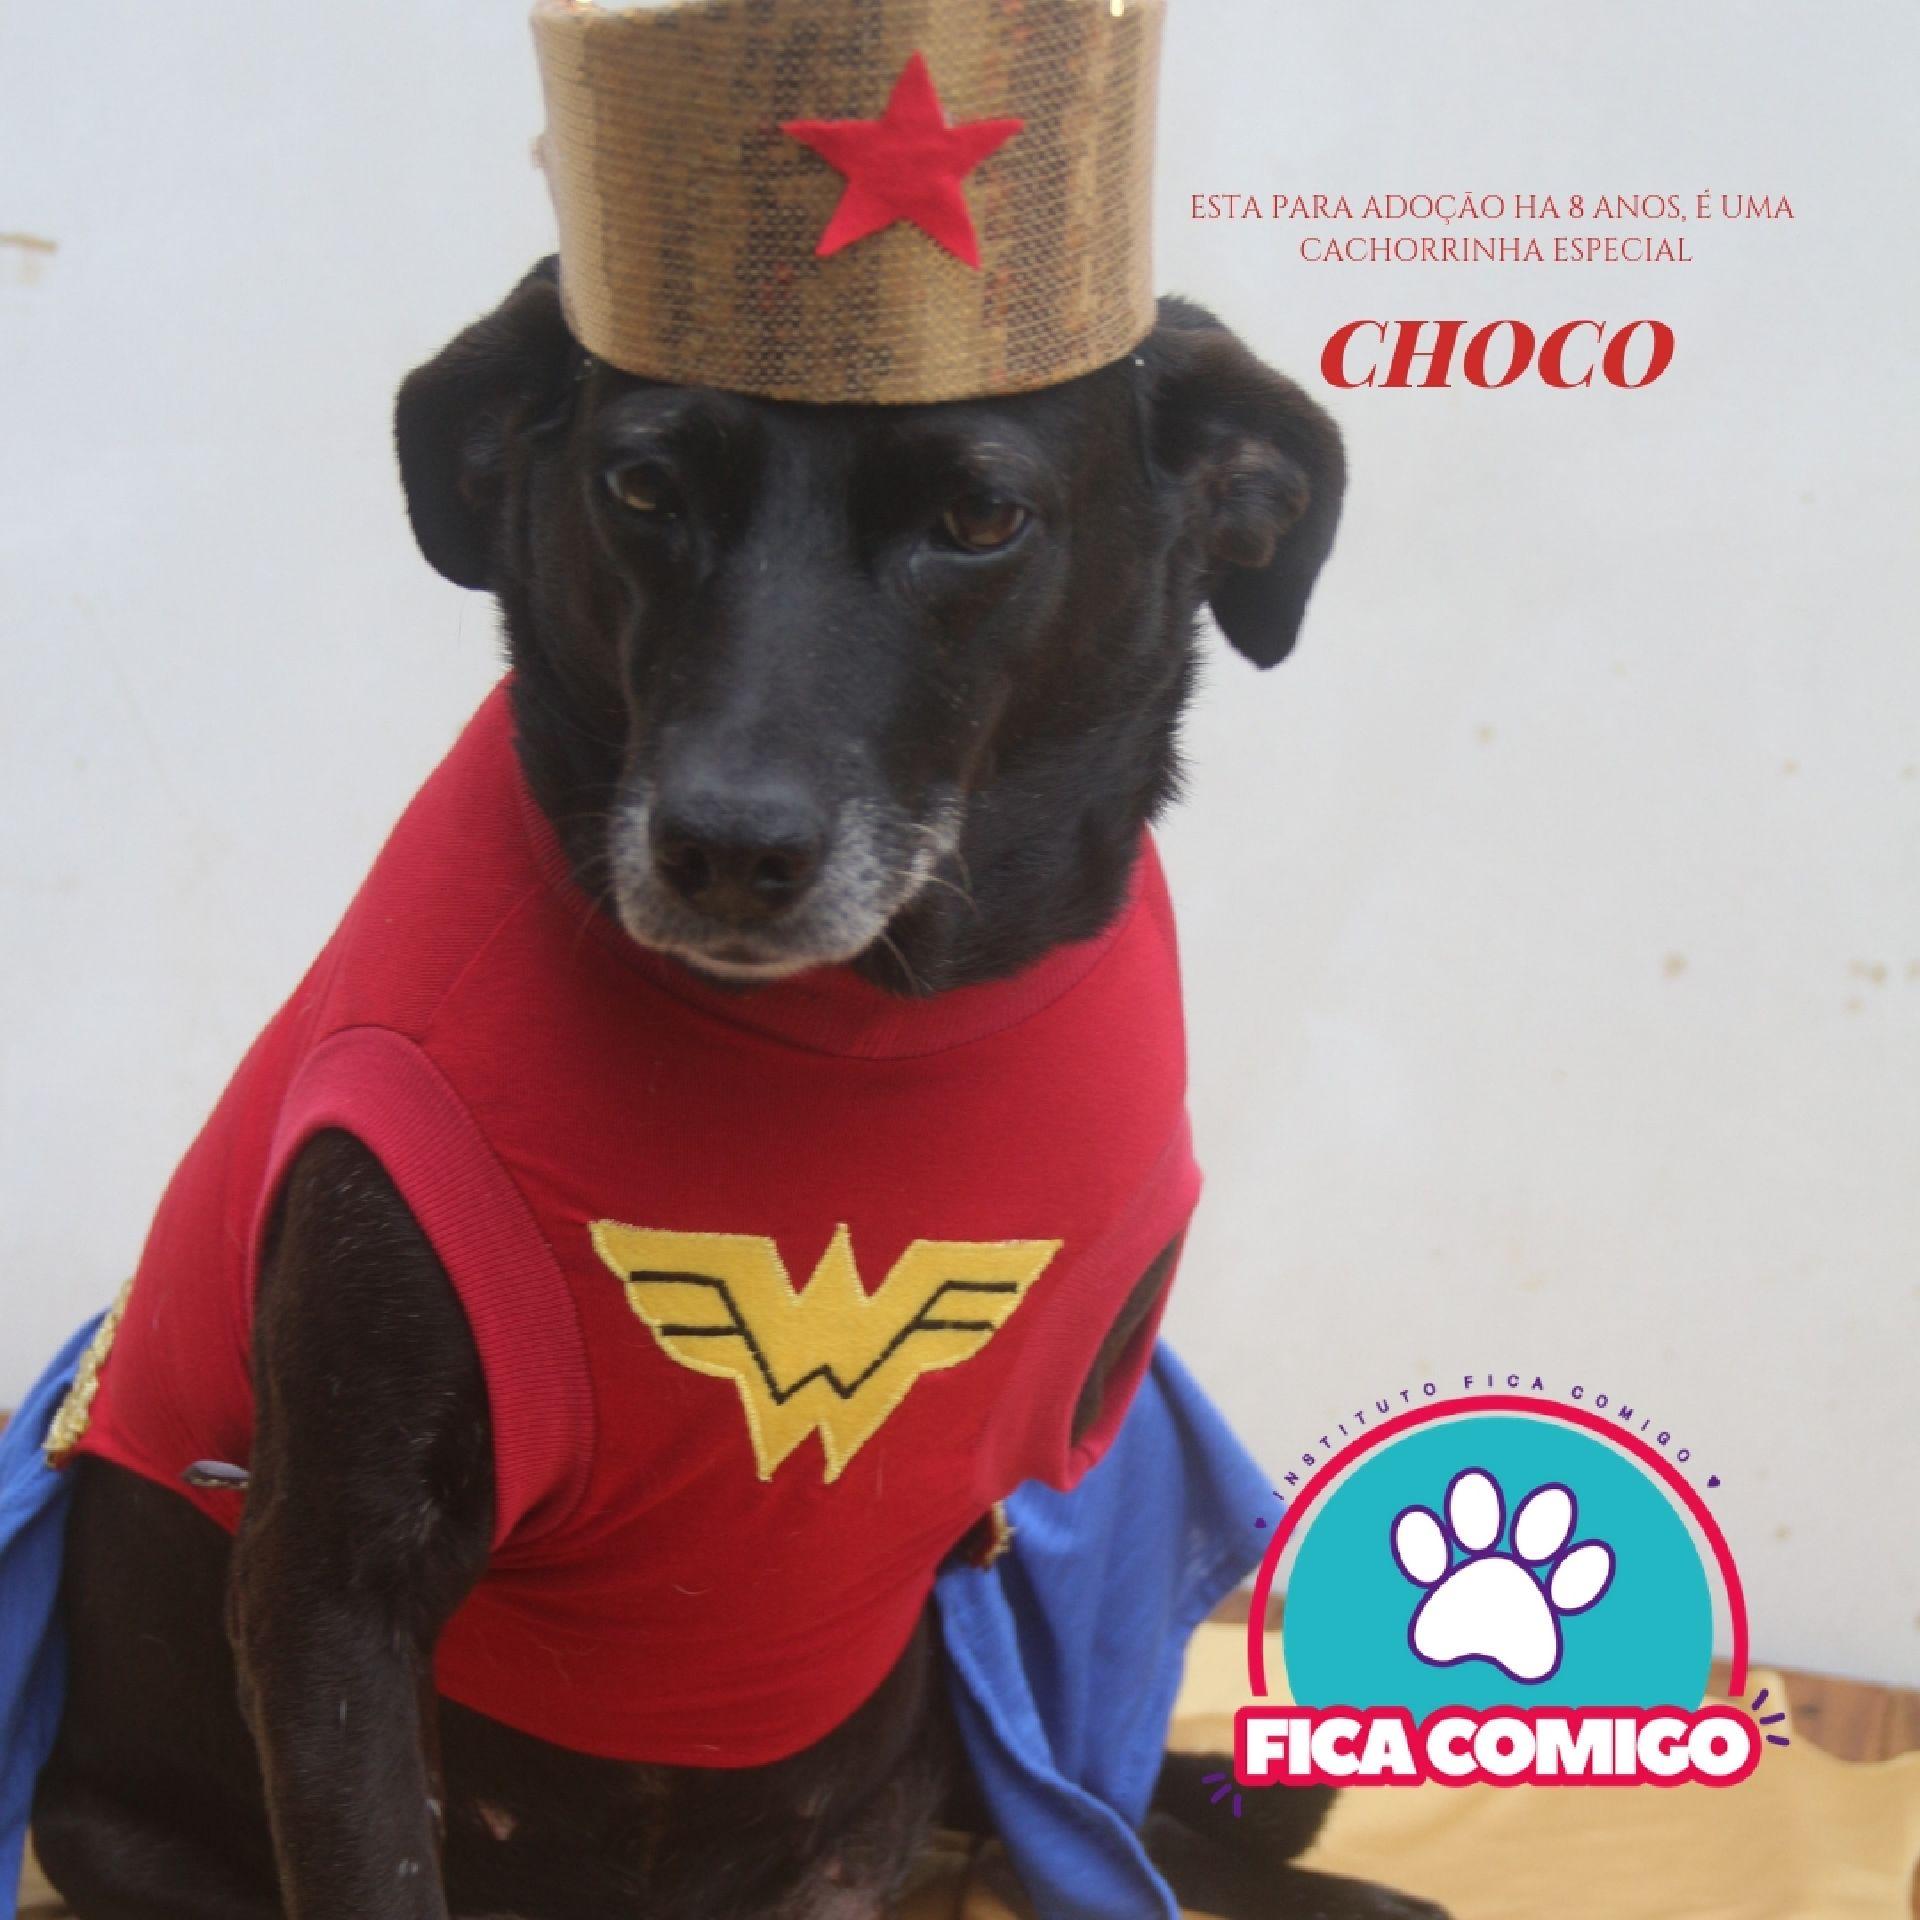 Choco é uma das cachorrinhas que estarão no facebook do Instituto Fica Comigo para adoção. Foto: Divulgação